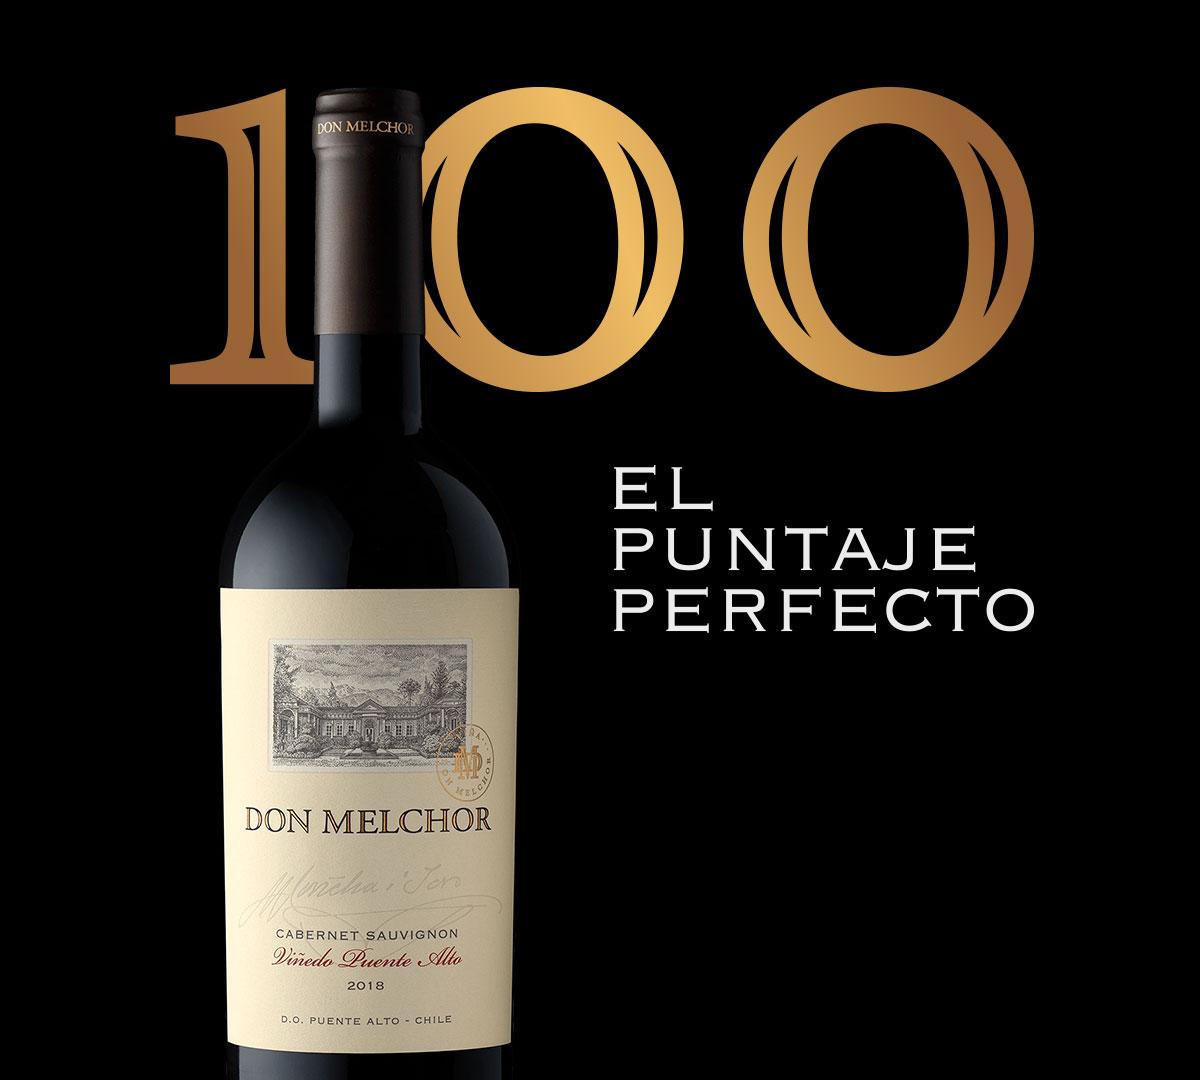 Don Melchor obtiene 100 puntos, el puntaje perfecto